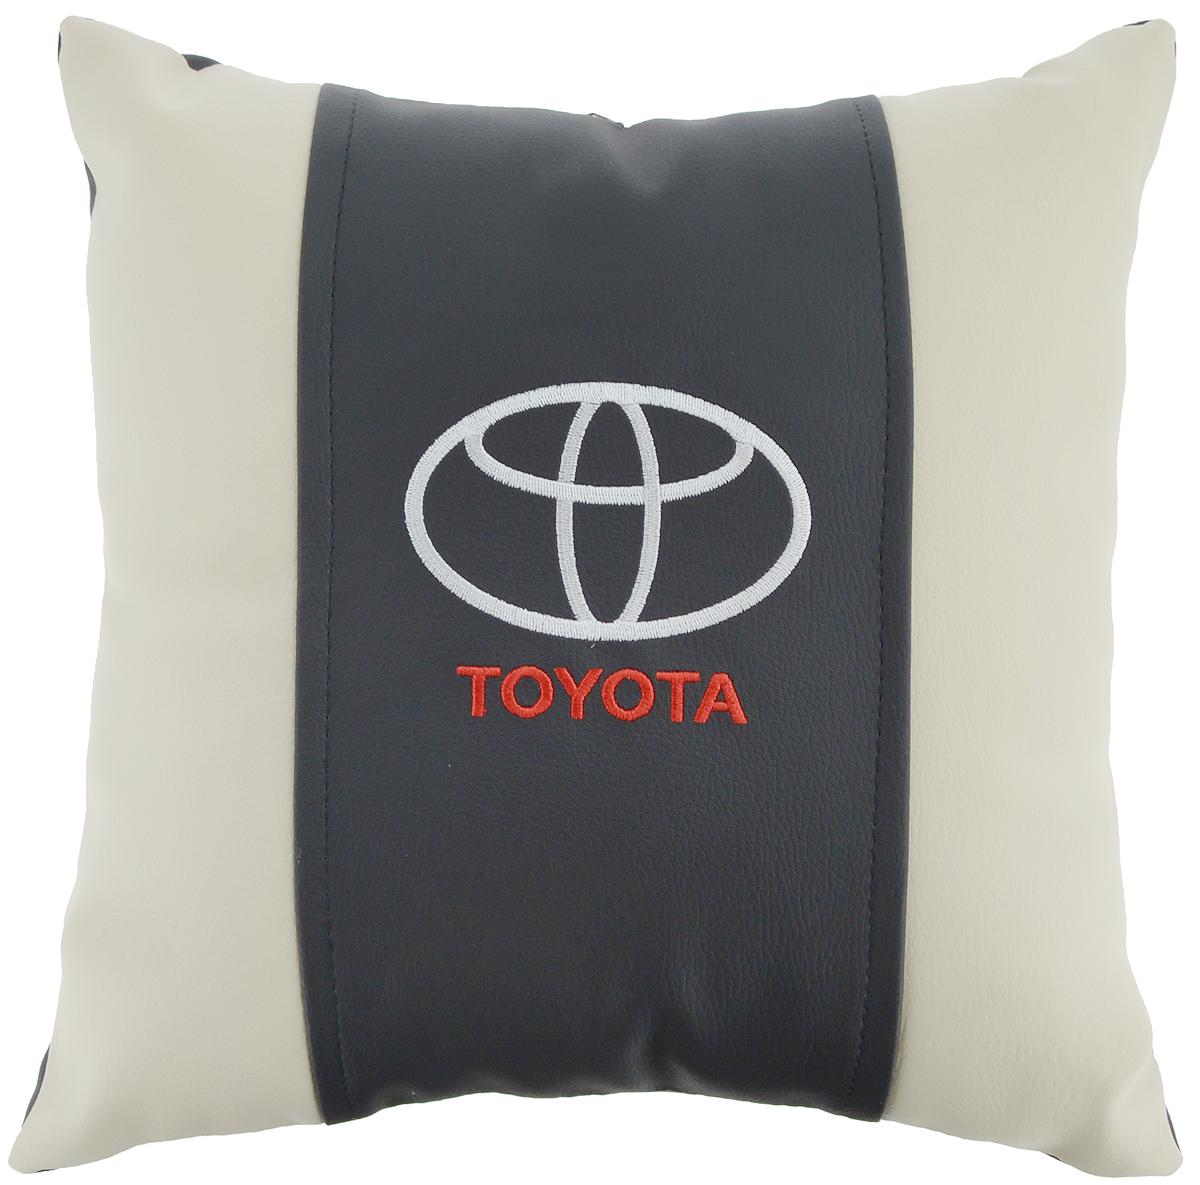 Подушка на сиденье Autoparts Toyota, 30 х 30 смDH2400D/ORПодушка на сиденье Autoparts Toyota создана для тех, кто весь свой день вынужден проводить за рулем. Чехол выполнен из высококачественной дышащей экокожи. Наполнителем служит холлофайбер. На задней части подушки имеется змейка.Особенности подушки:- Хорошо проветривается.- Предупреждает потение.- Поддерживает комфортную температуру.- Обминается по форме тела.- Улучшает кровообращение.- Исключает затечные явления.- Предупреждает развитие заболеваний, связанных с сидячим образом жизни. Подушка также будет полезна и дома - при работе за компьютером, школьникам - при выполнении домашних работ, да и в любимом кресле перед телевизором.